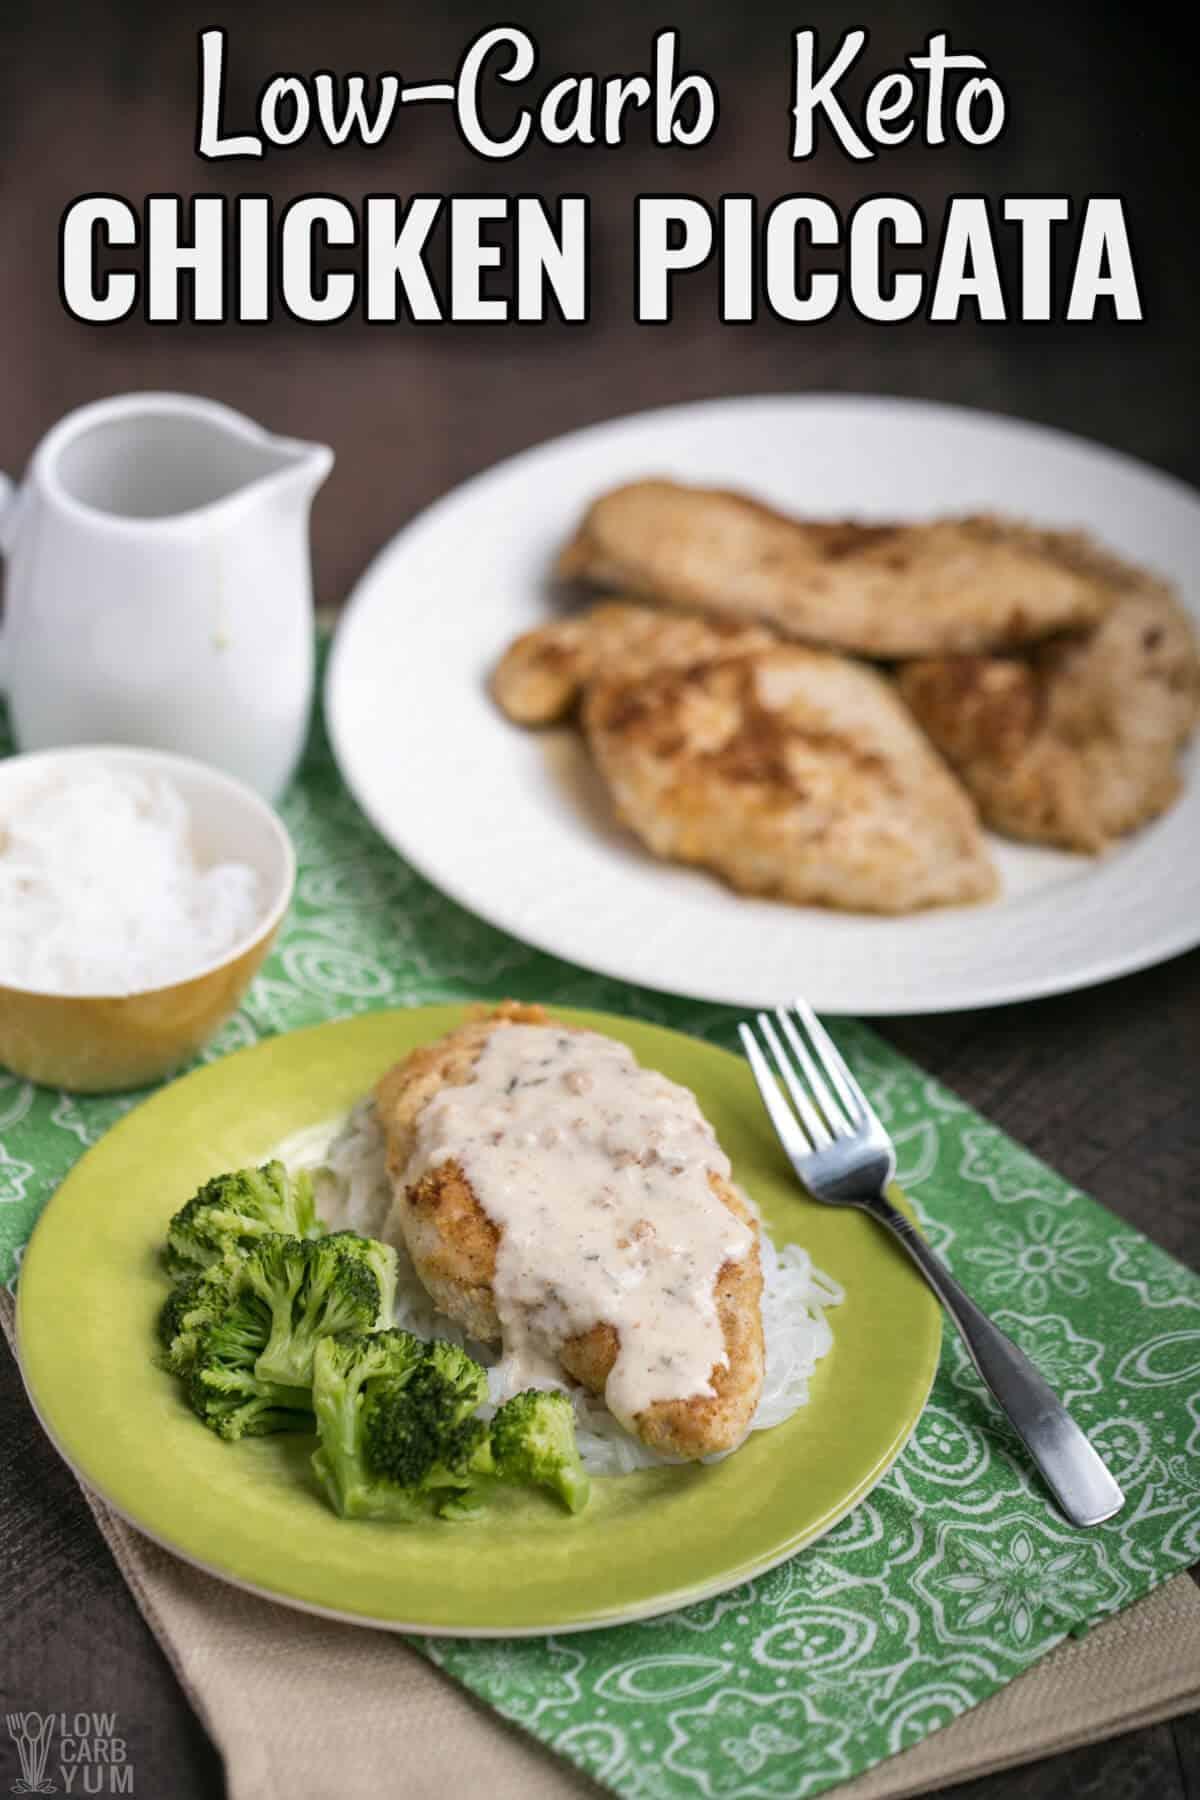 low carb keto chicken piccata recipe cover image